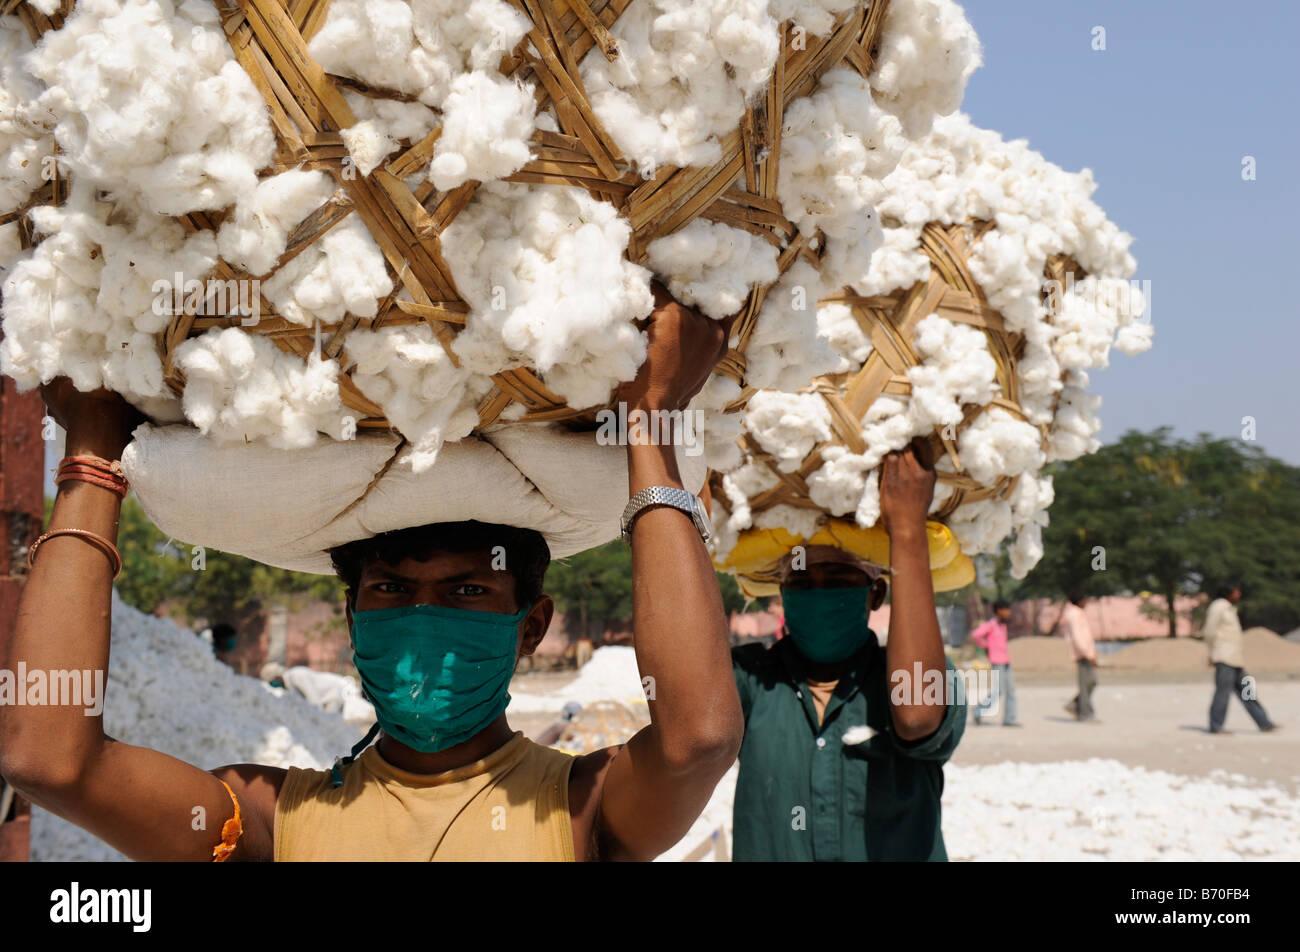 INDIA, Madhya Pradesh, Indore , Mahima fabbrica di sgranatura per il commercio equo e solidale e di cotone organico, Immagini Stock